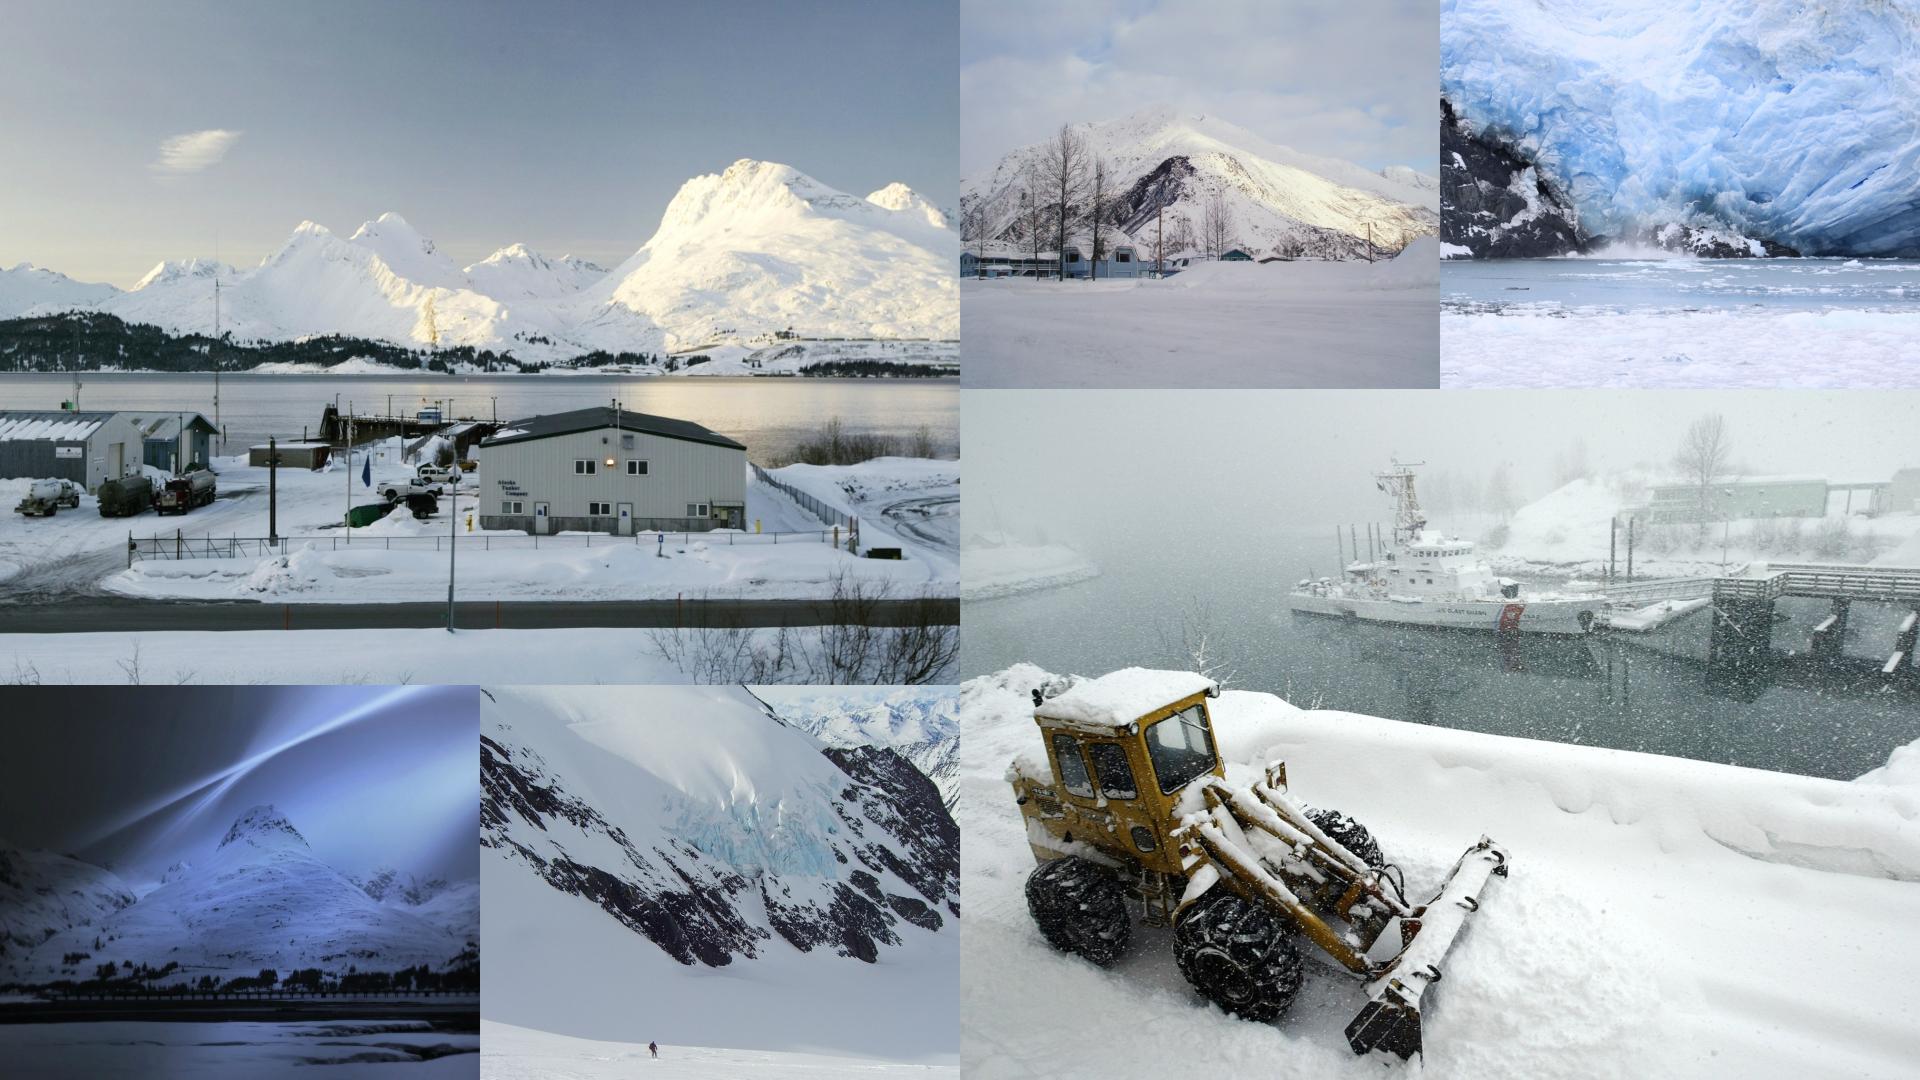 Самые снежные точки планеты, вкоторых можно поездить наавтомобиле. Фото 9